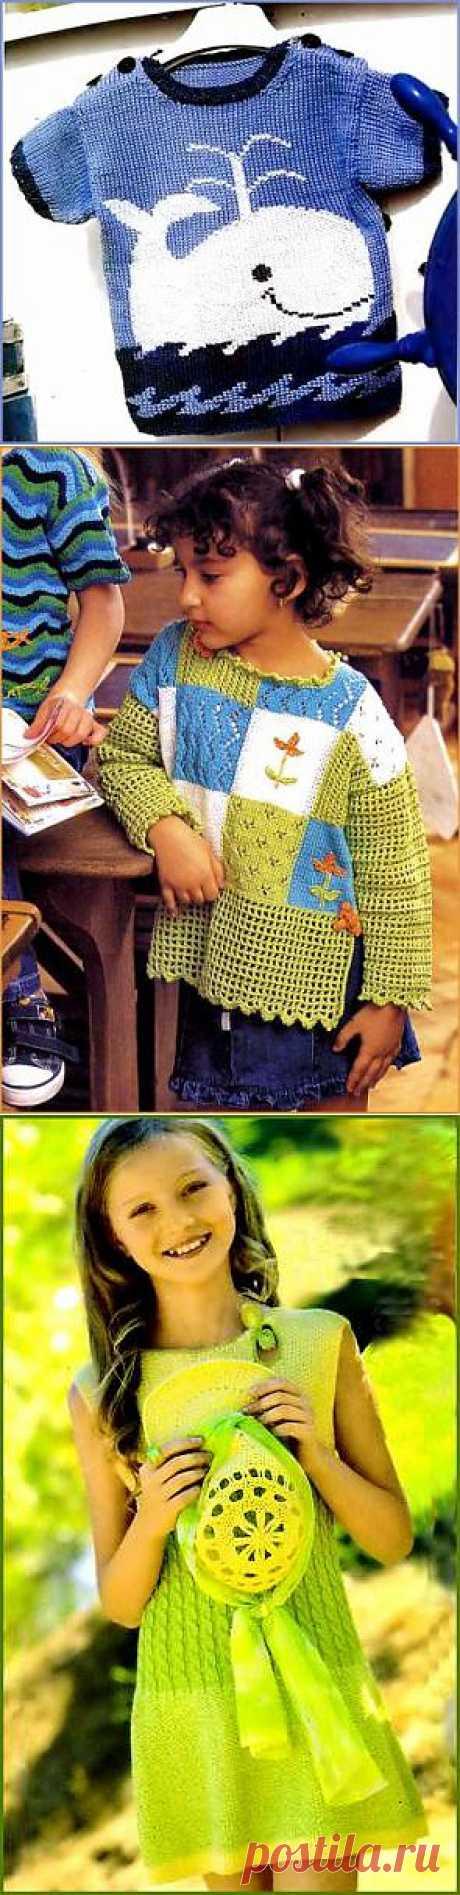 Вязание для малышей - Вязание для детей. Вязание спицами, крючком для малышей